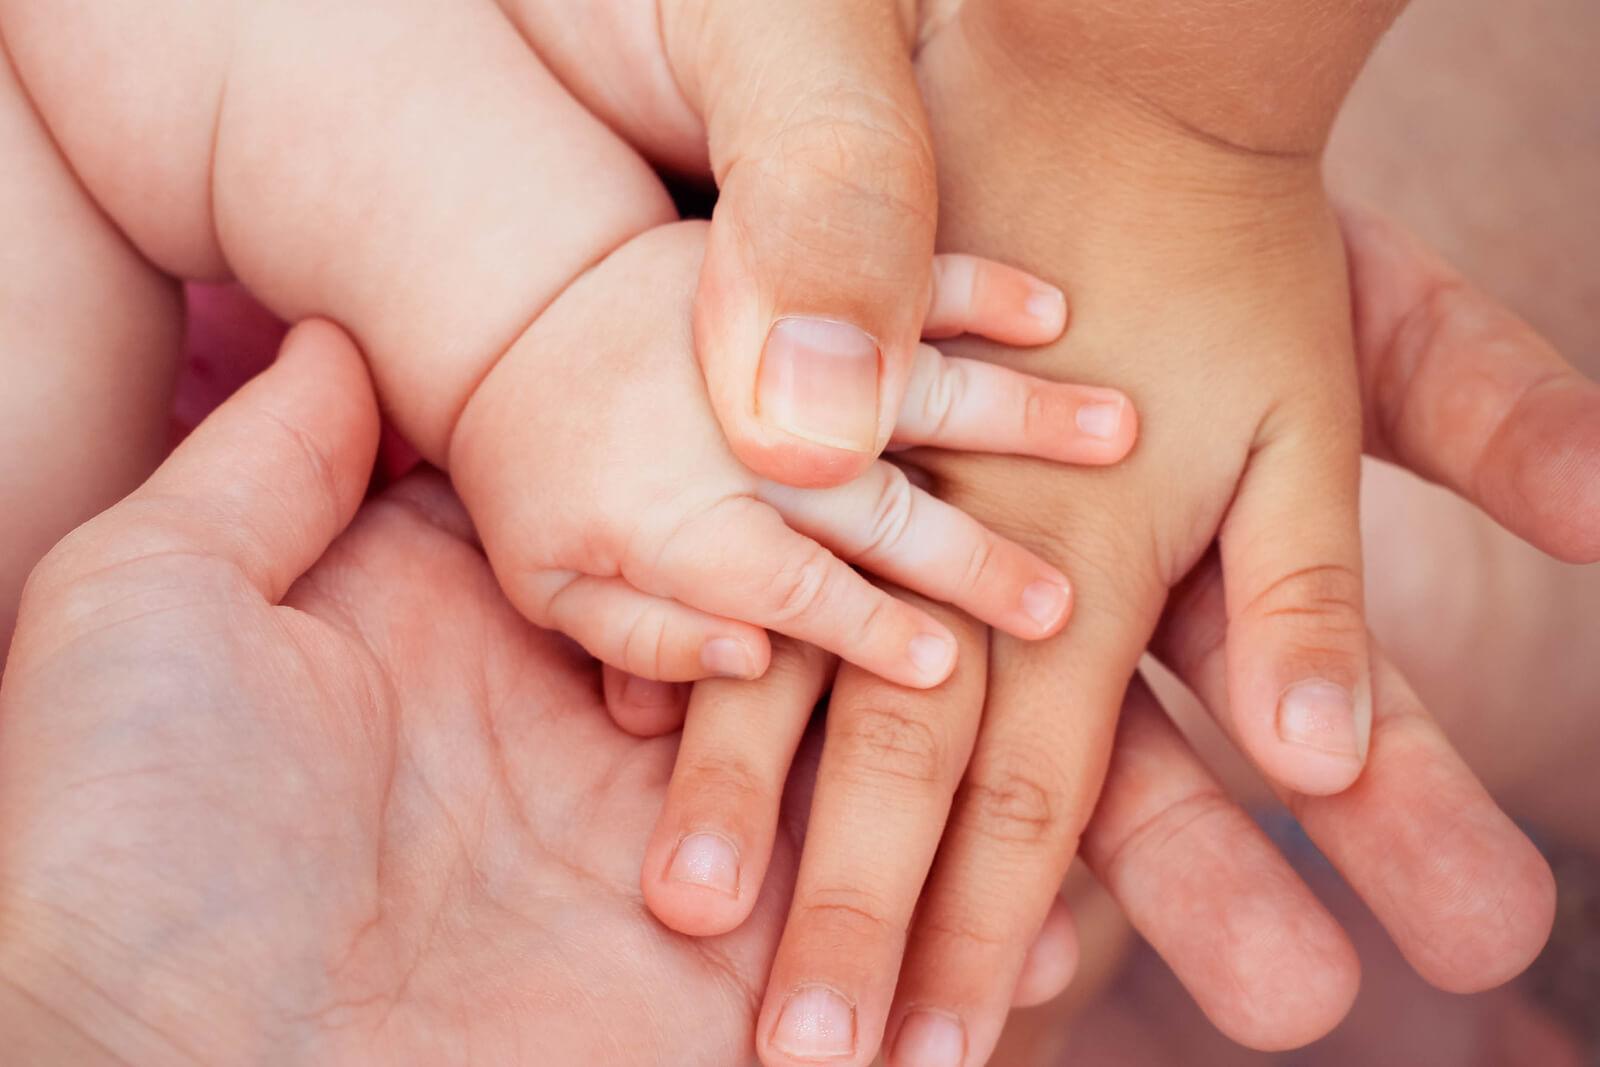 Руки папа мамы и ребенка фото